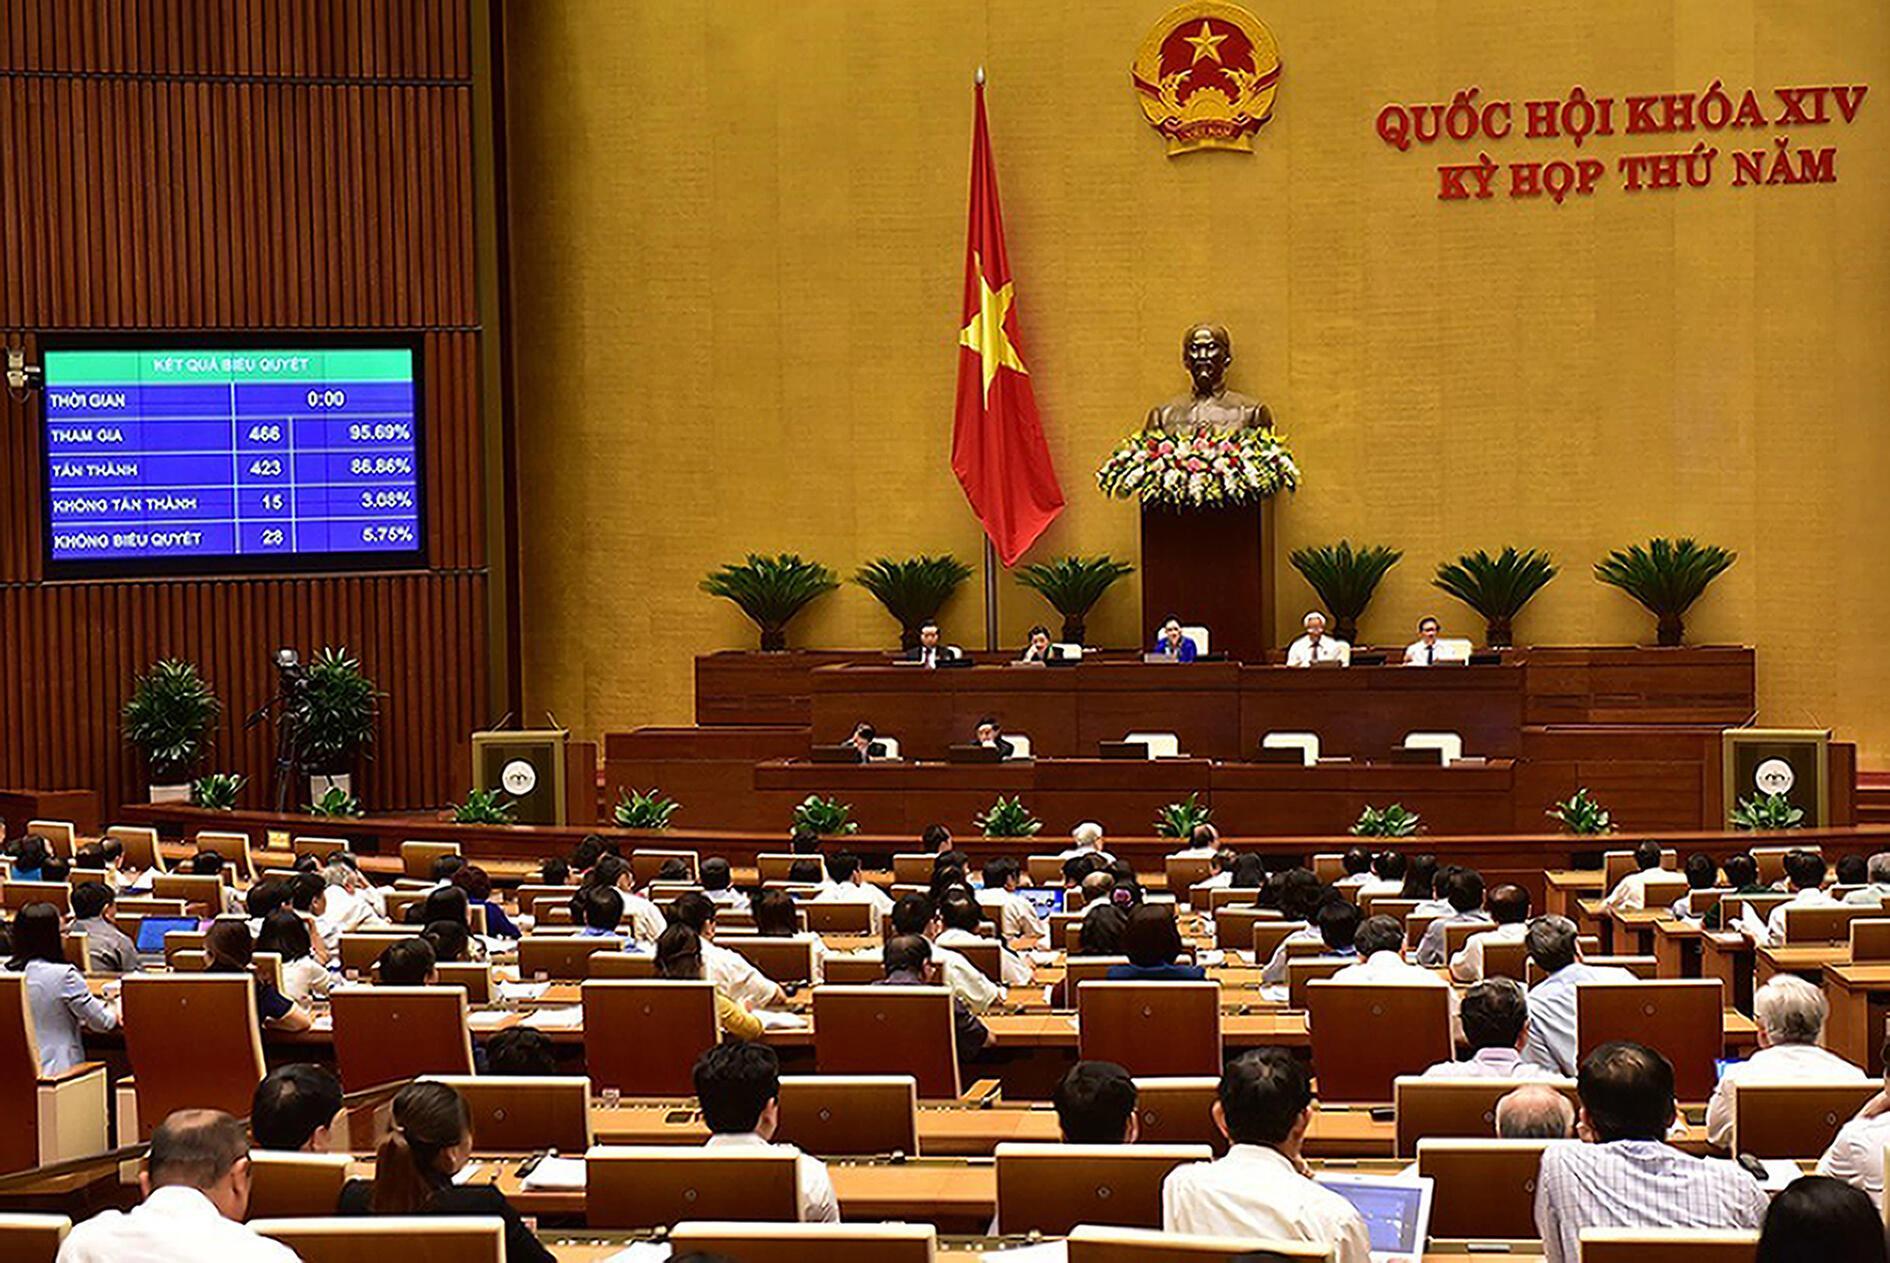 Kết quả bỏ phiếu Luật An Ninh Mạng tại Quốc Hội Việt Nam ngày 12/06/2018.